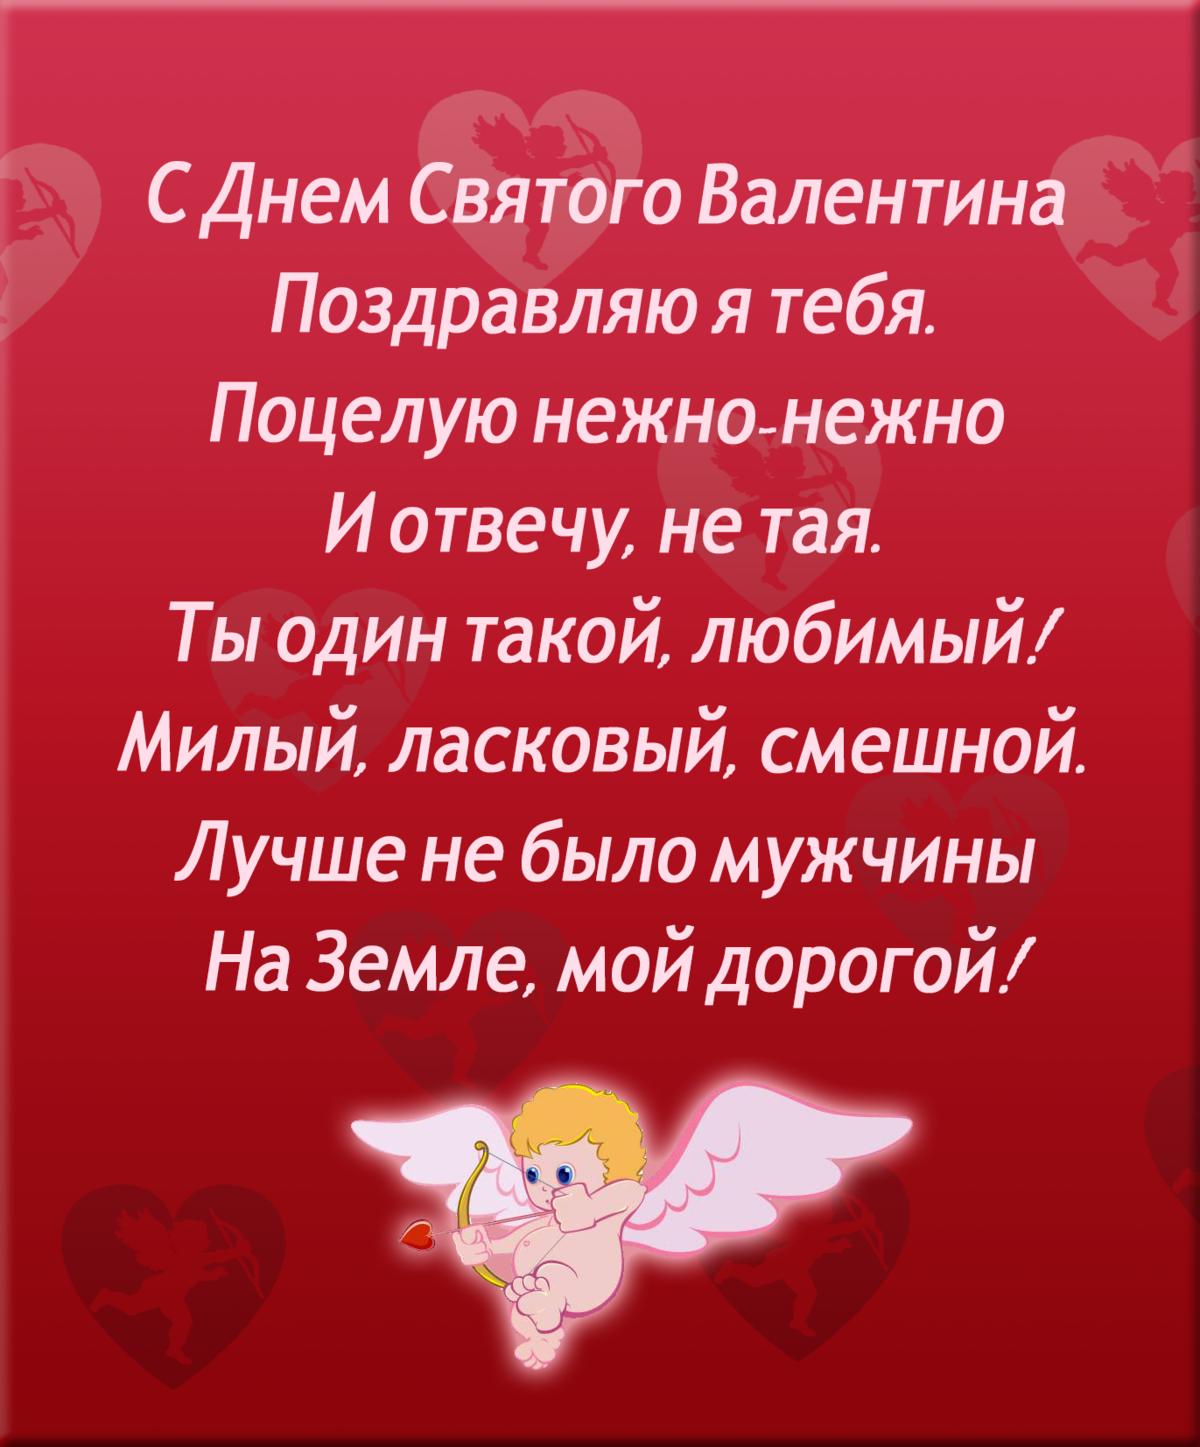 Стихи и пожелания на 14 февраля